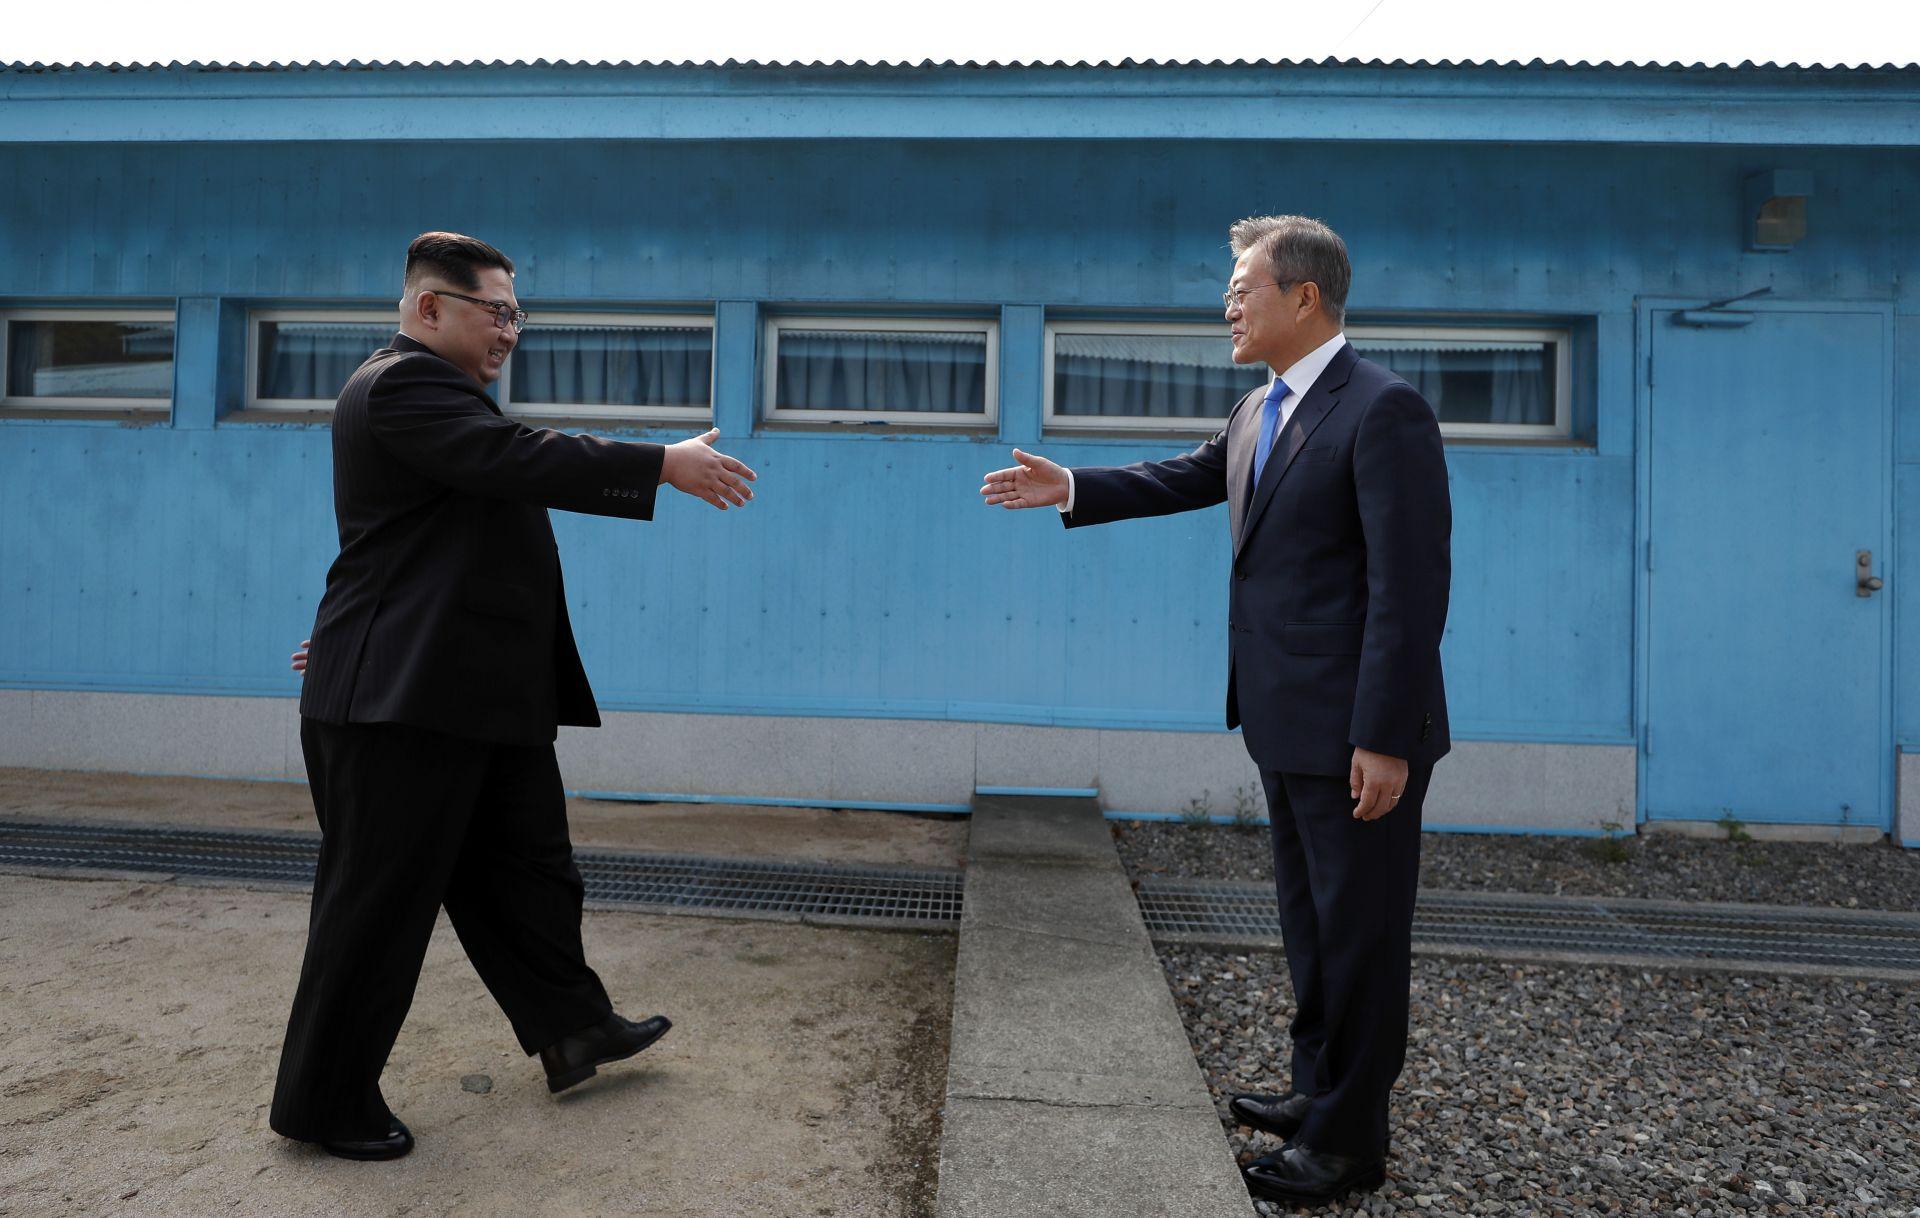 Лидерът на Северна Корея Ким Чен Ун (вляво) се ръкува с президента на Южна Корея Мун Дже-ин (вдясно) на линията, която разделя страните им преди срещата на върха в село Панминджон на 27 април